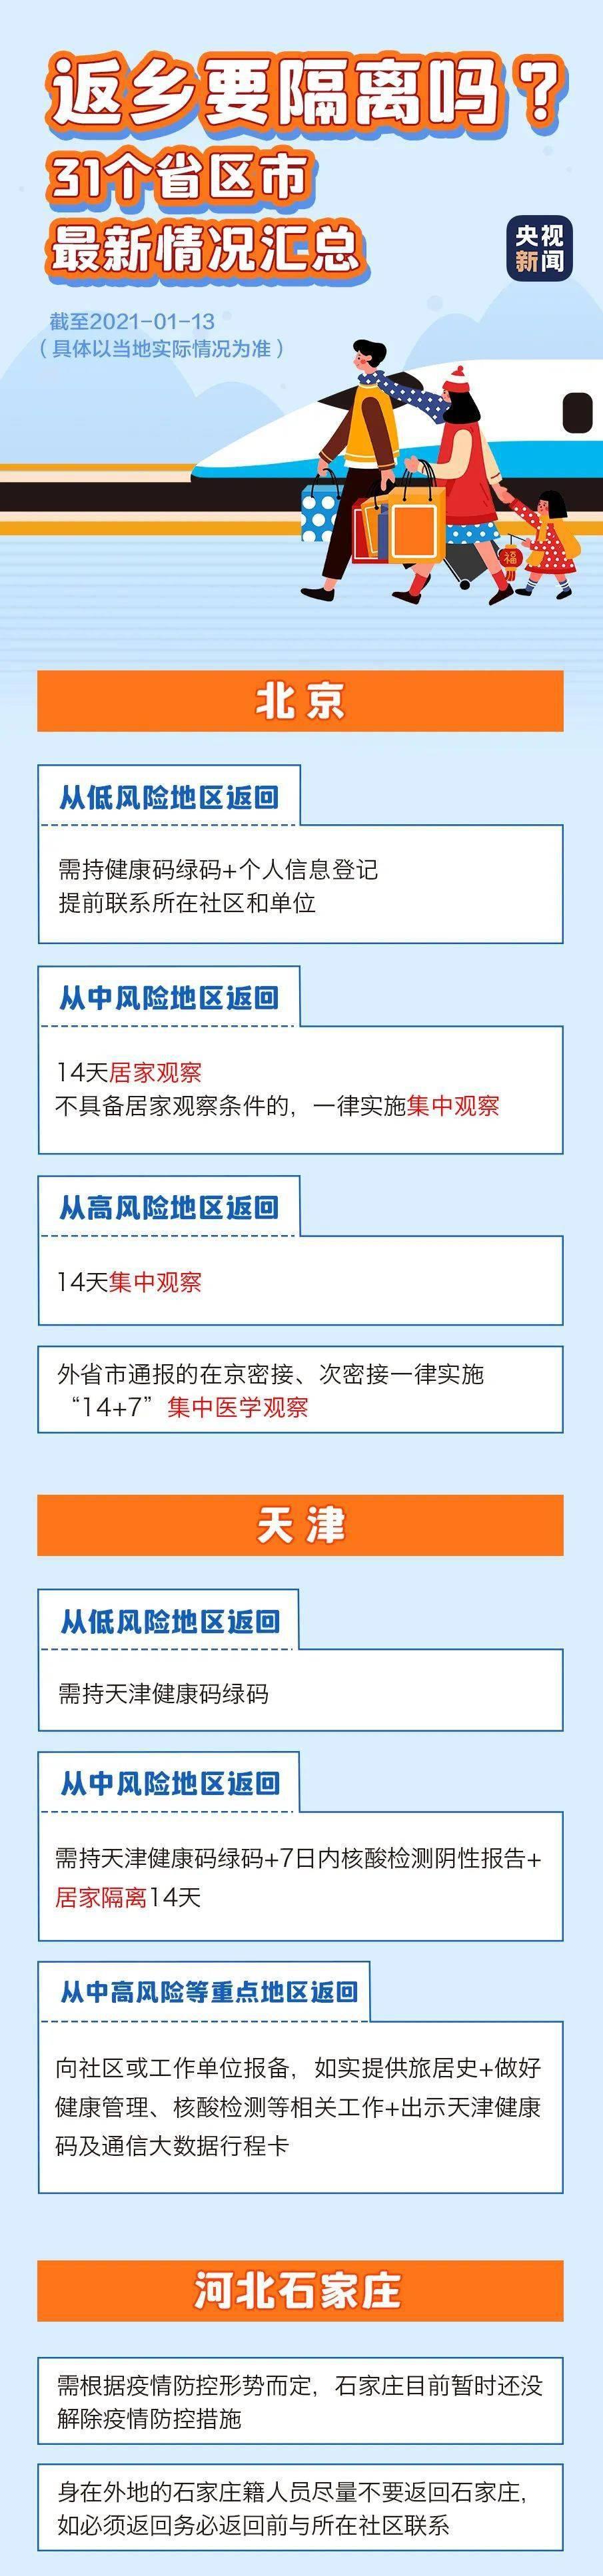 春节返乡需要隔离吗?31省区市返乡隔离措施汇总来了!